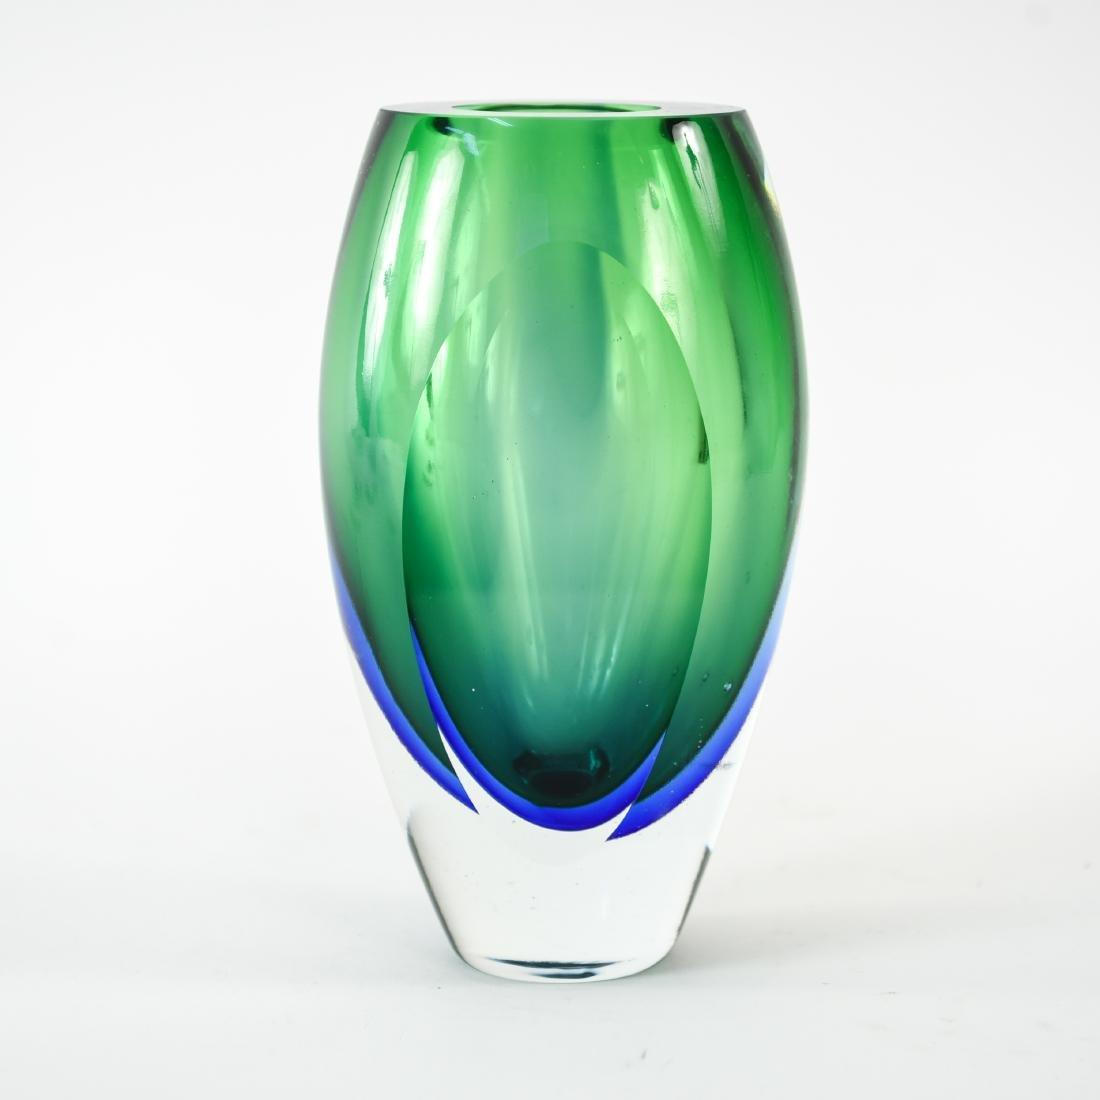 ITALIAN MURANO SOMMERSO GLASS VASE